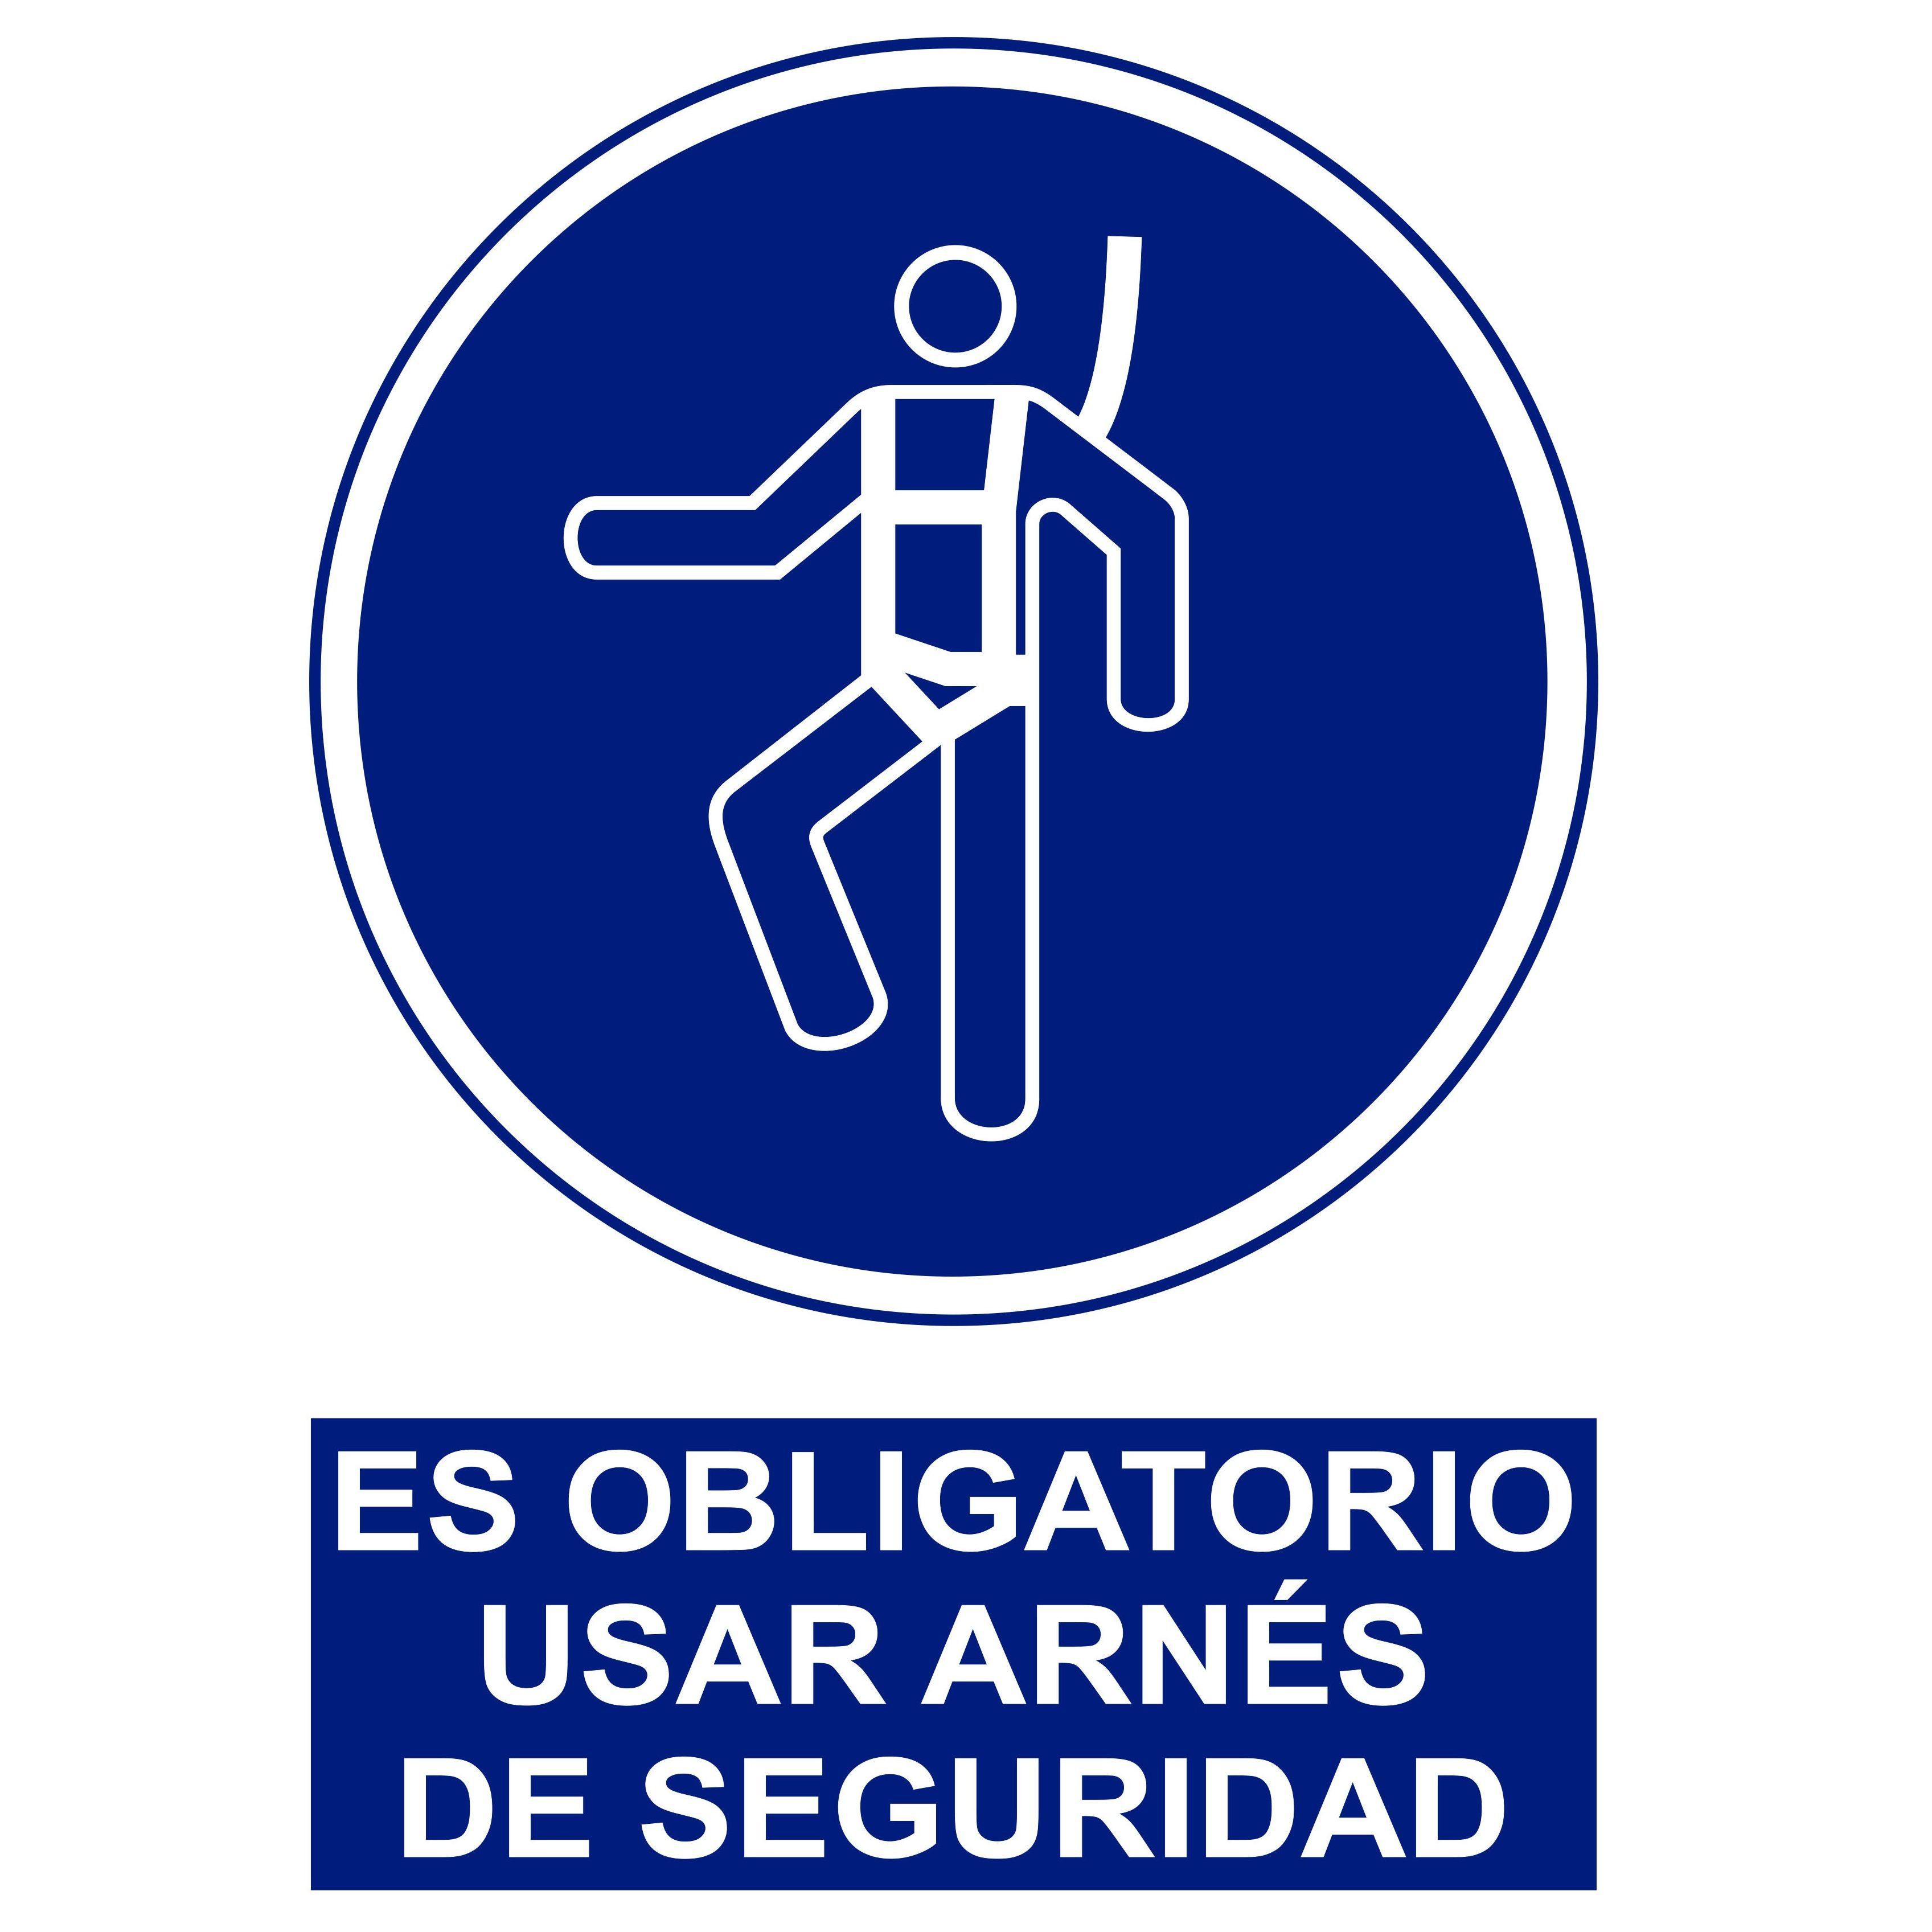 Señal ES OBLIGATORIO USAR ARNÉS DE SEGURIDAD